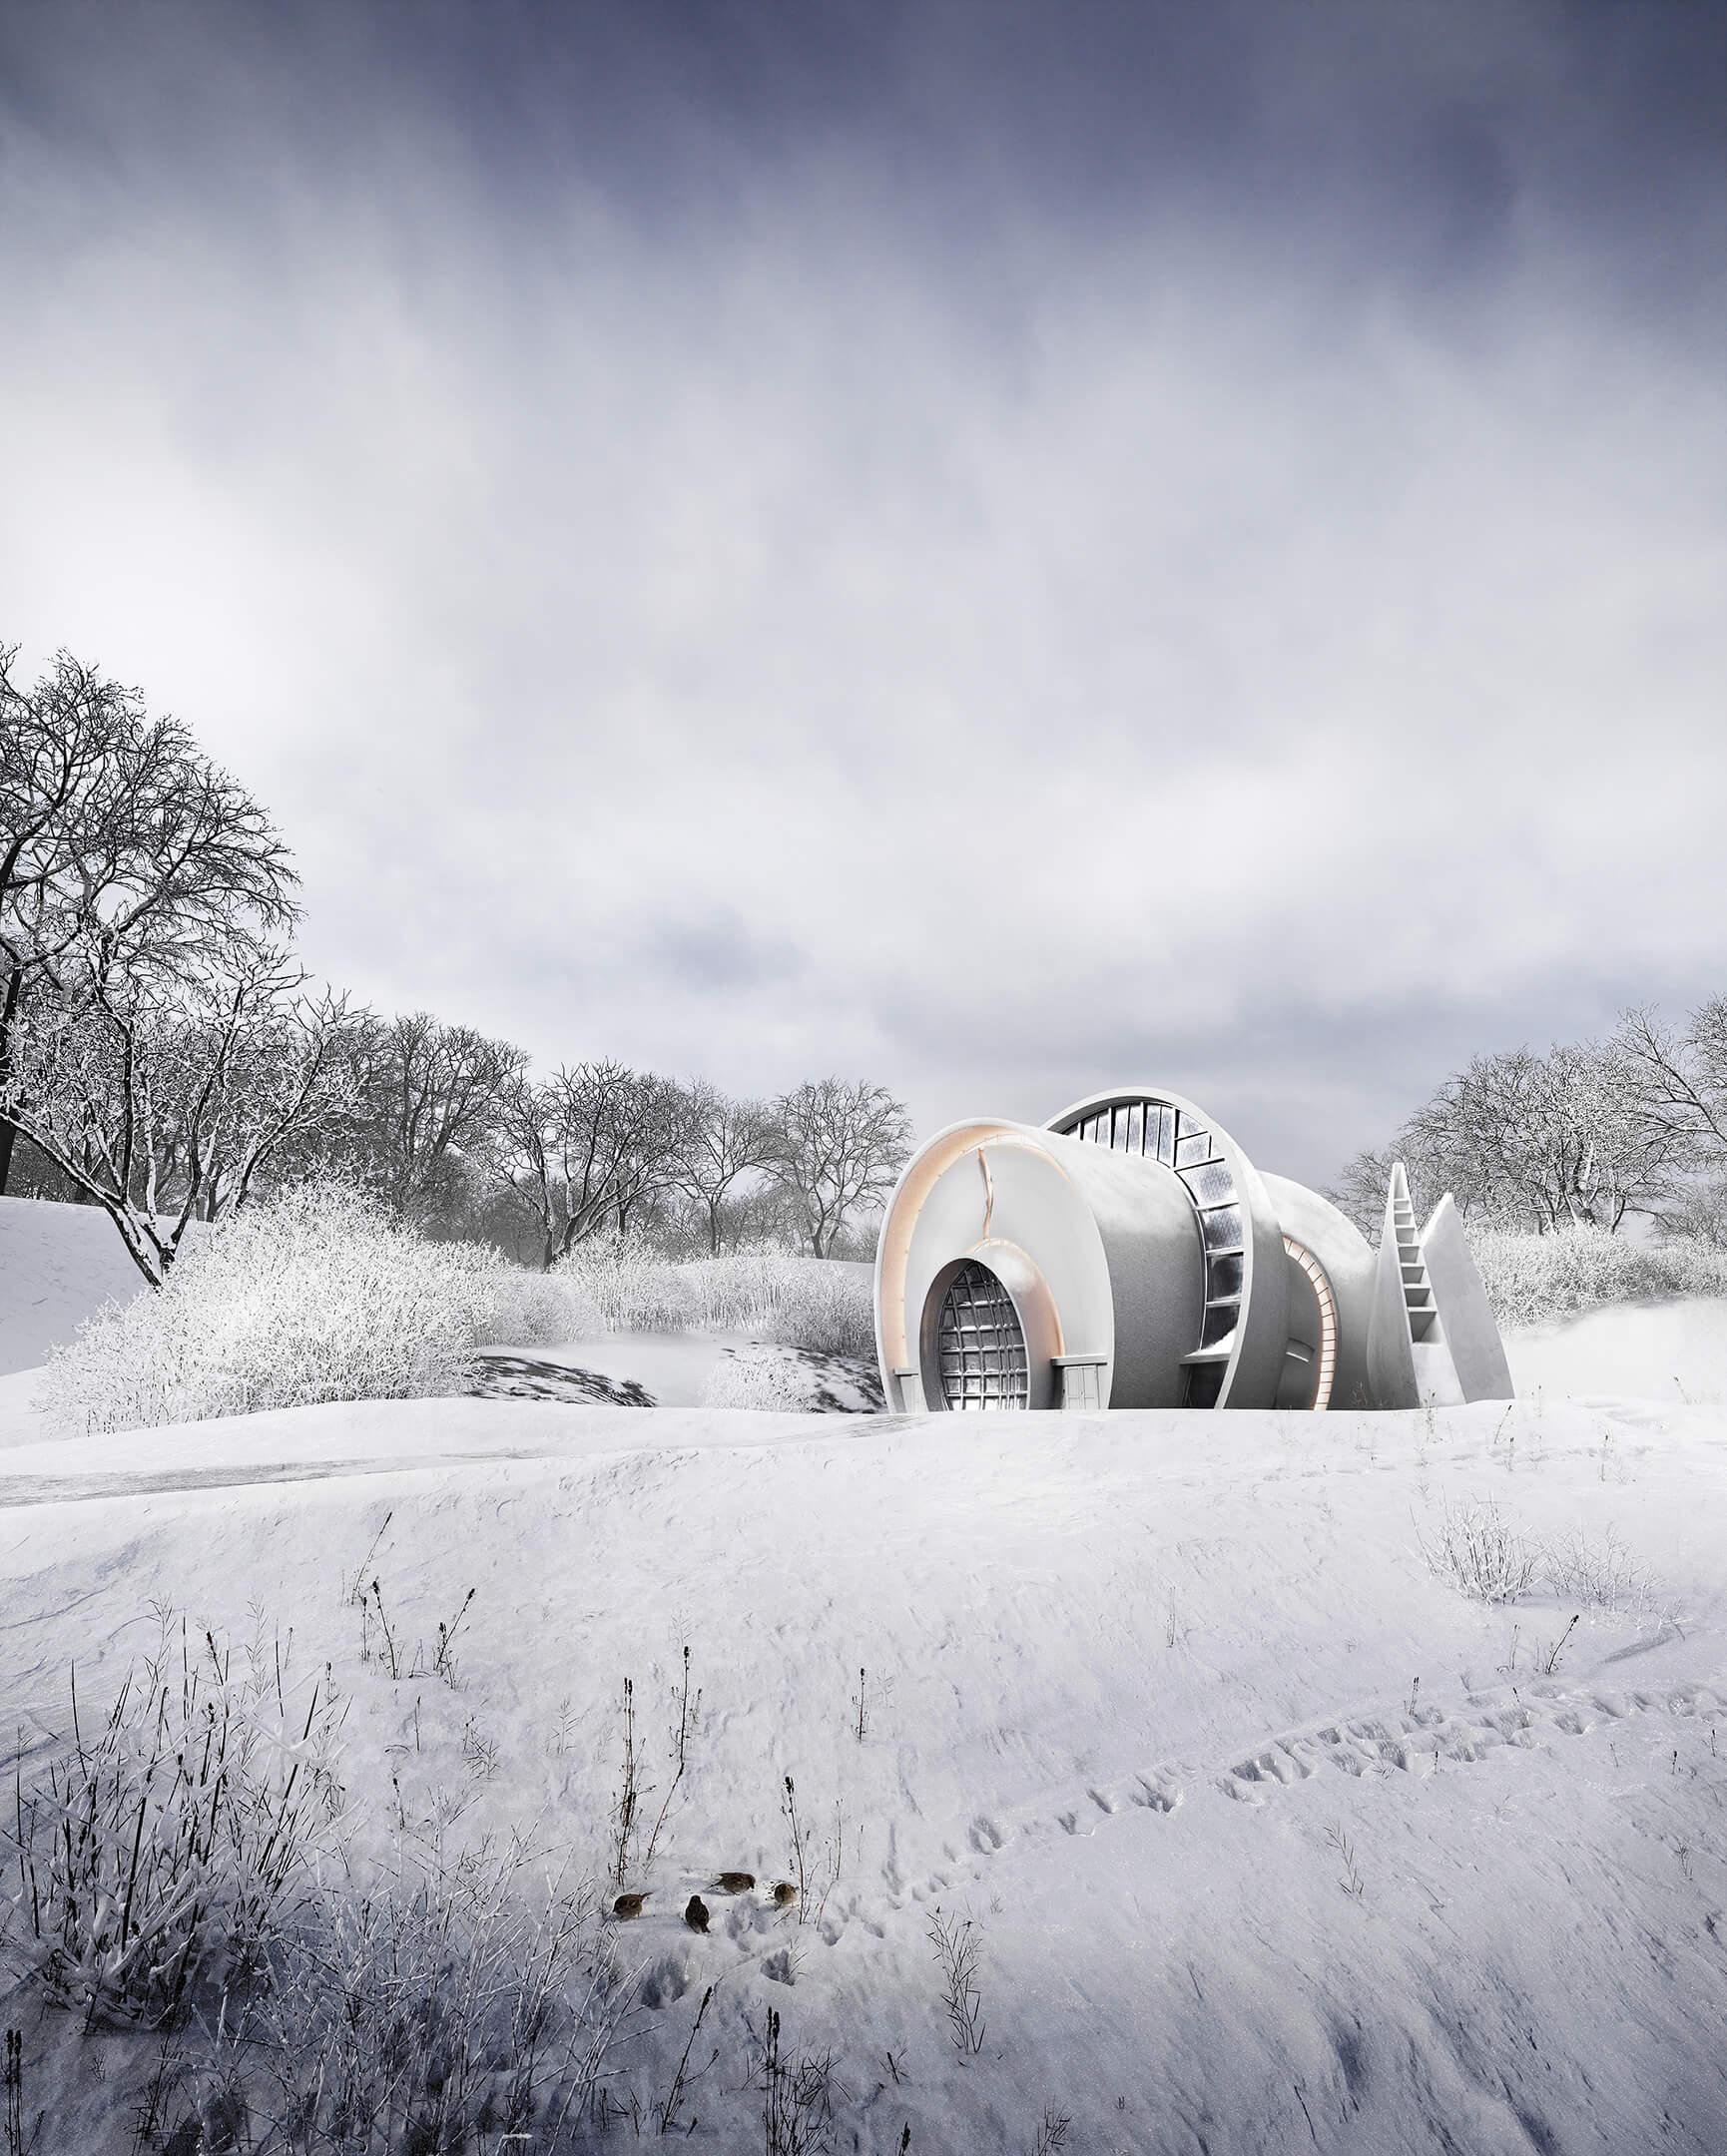 Architectural Design Visualization in a Winter Scene